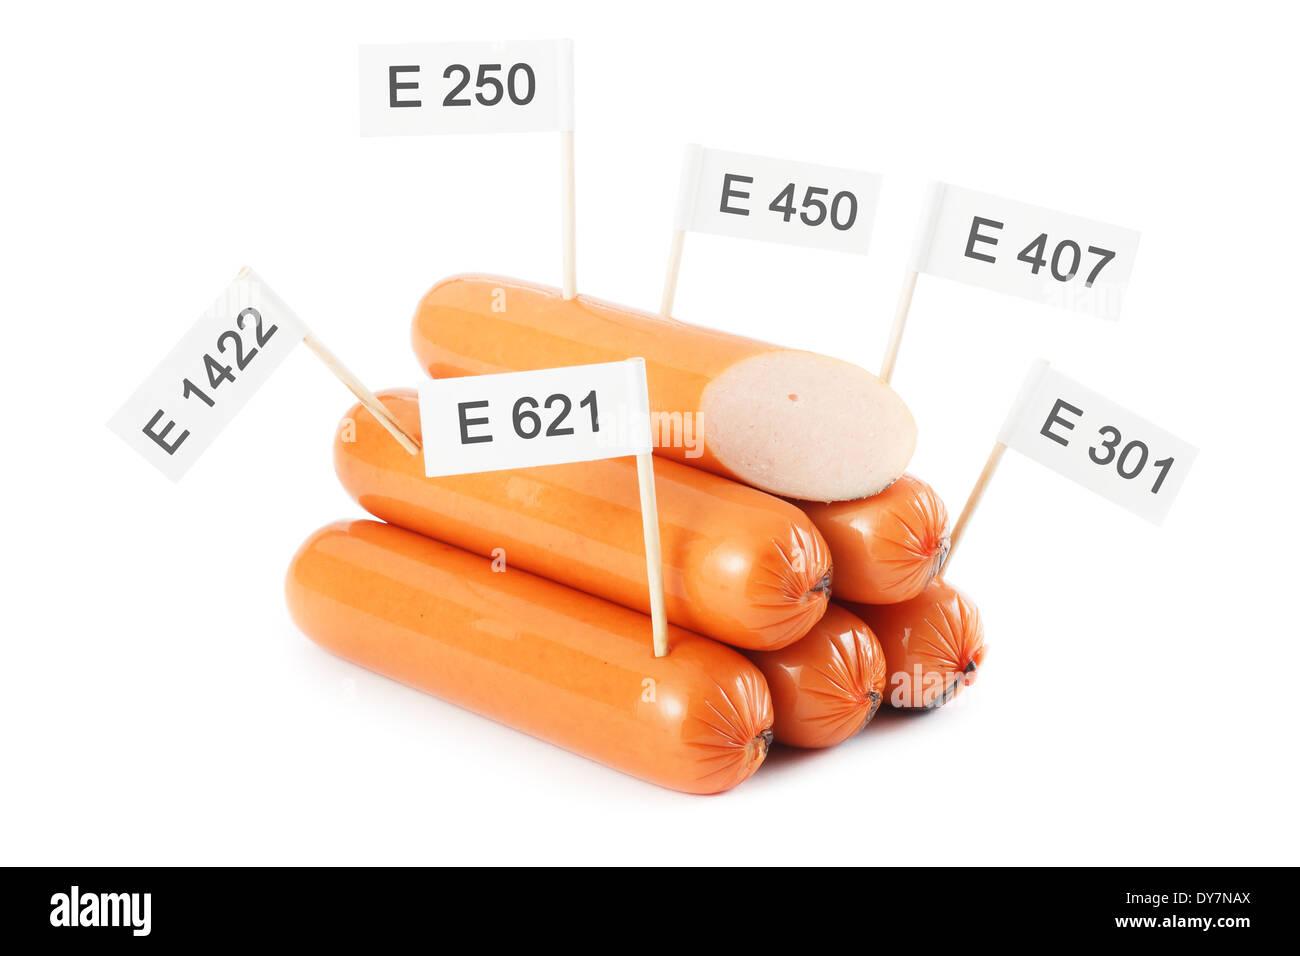 Concepto de alimentos insalubres - aditivos químicos en los alimentos. Salchichas isloated sobre fondo blanco. Imagen De Stock